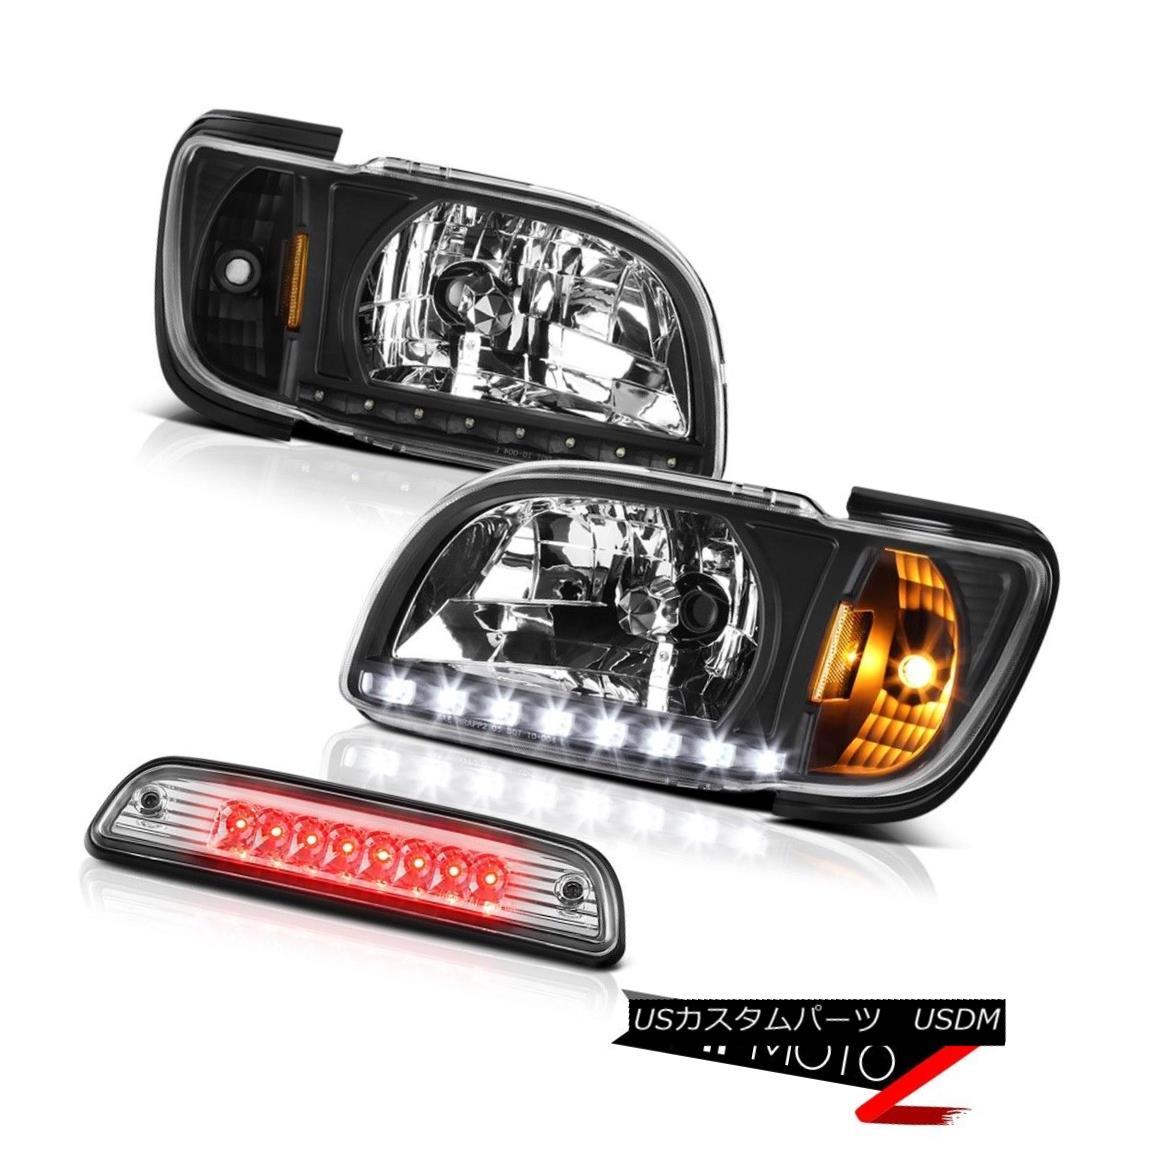 ヘッドライト 2001-2004 Toyota Tacoma Offroad Roof cargo light inky black headlamps bumper LED 2001-2004トヨタタコマオフロード屋根貨物ライトインキーブラックヘッドライトバンパーLED